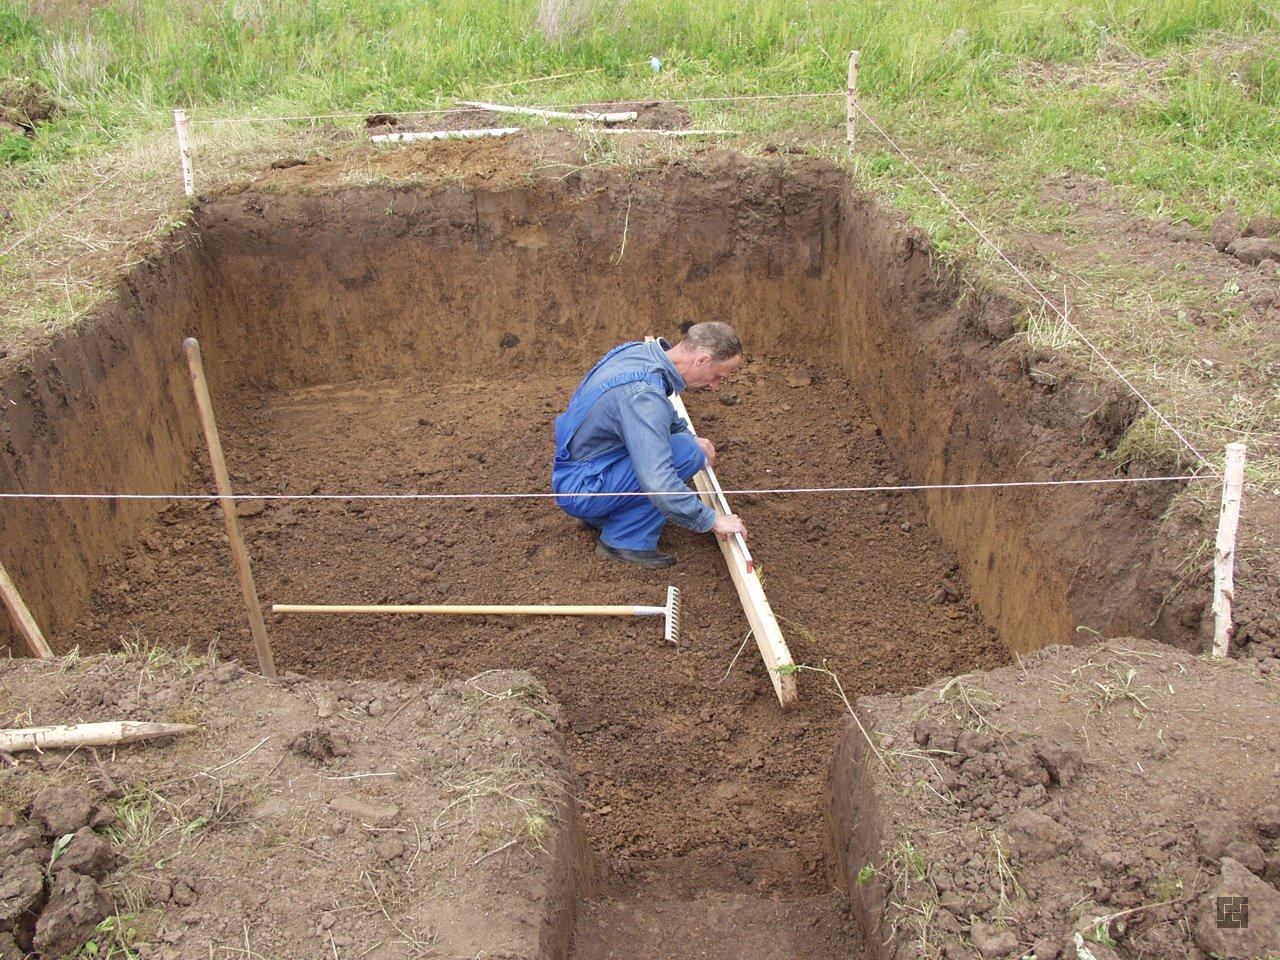 Глинистый грунт на участке существенно облегчит выкапывание котлована